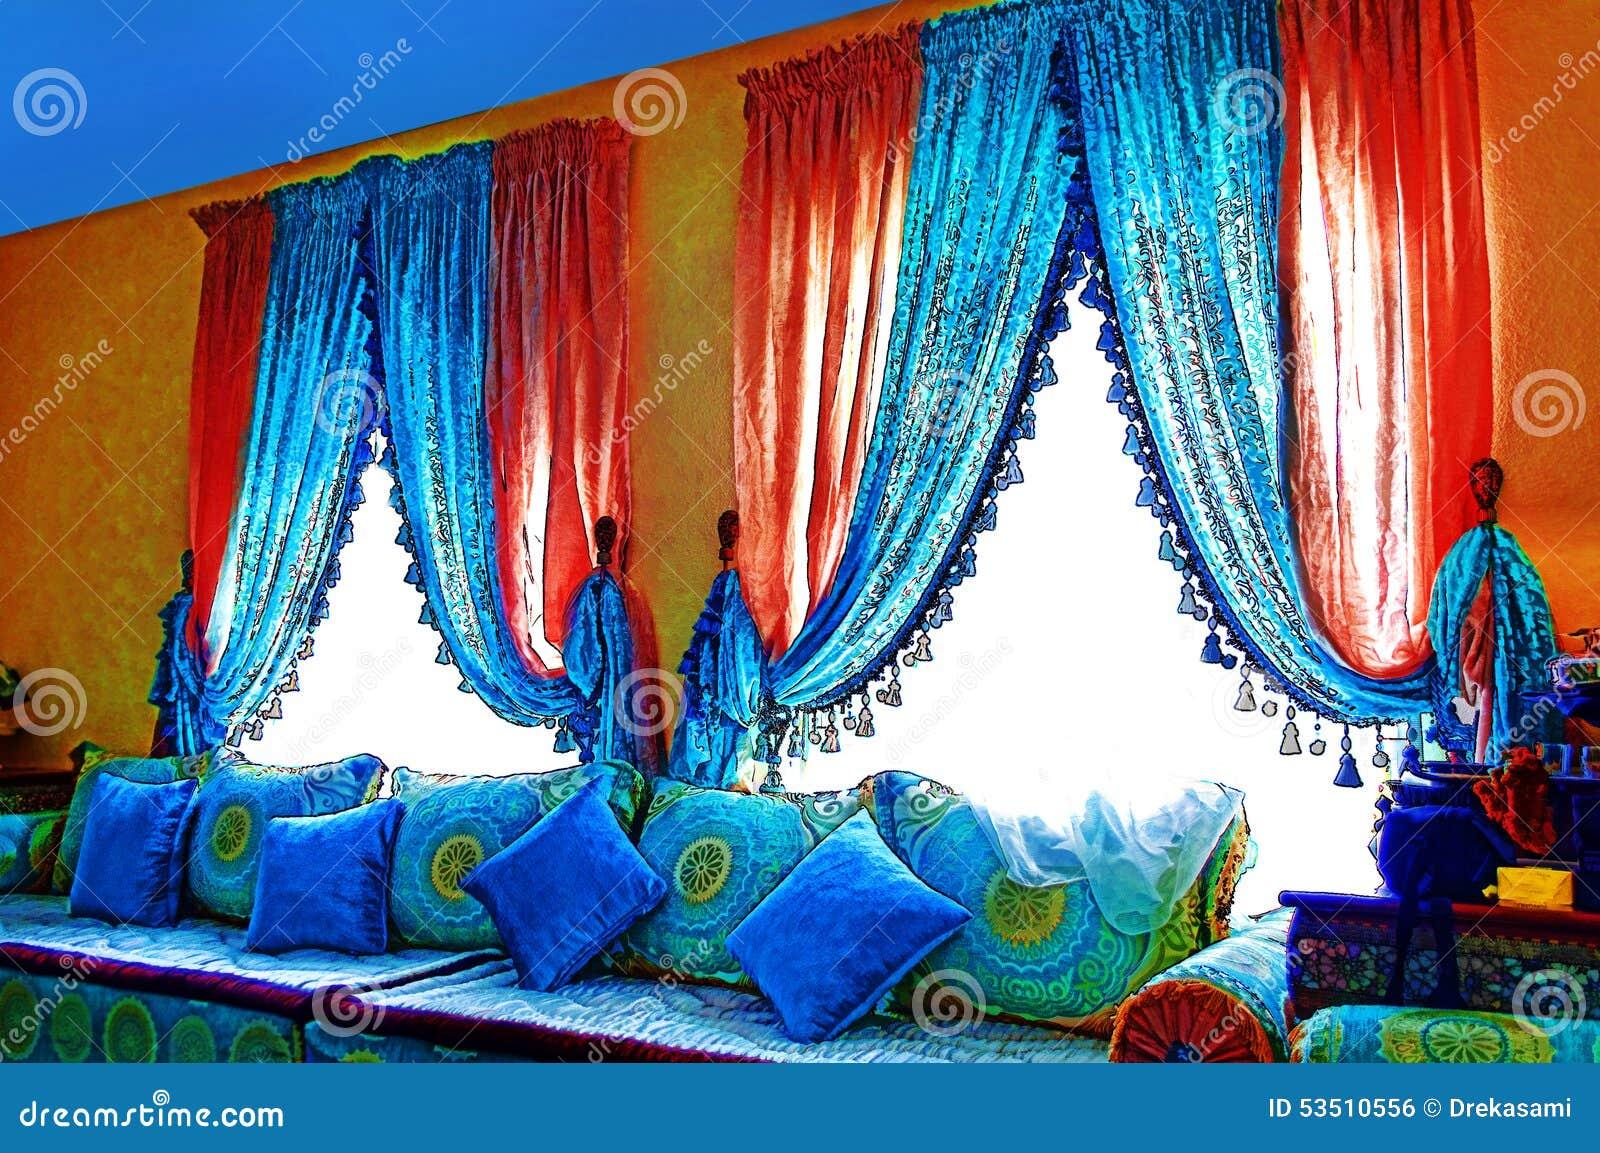 arabisches wohnzimmer stockfoto - bild: 53510556, Wohnzimmer